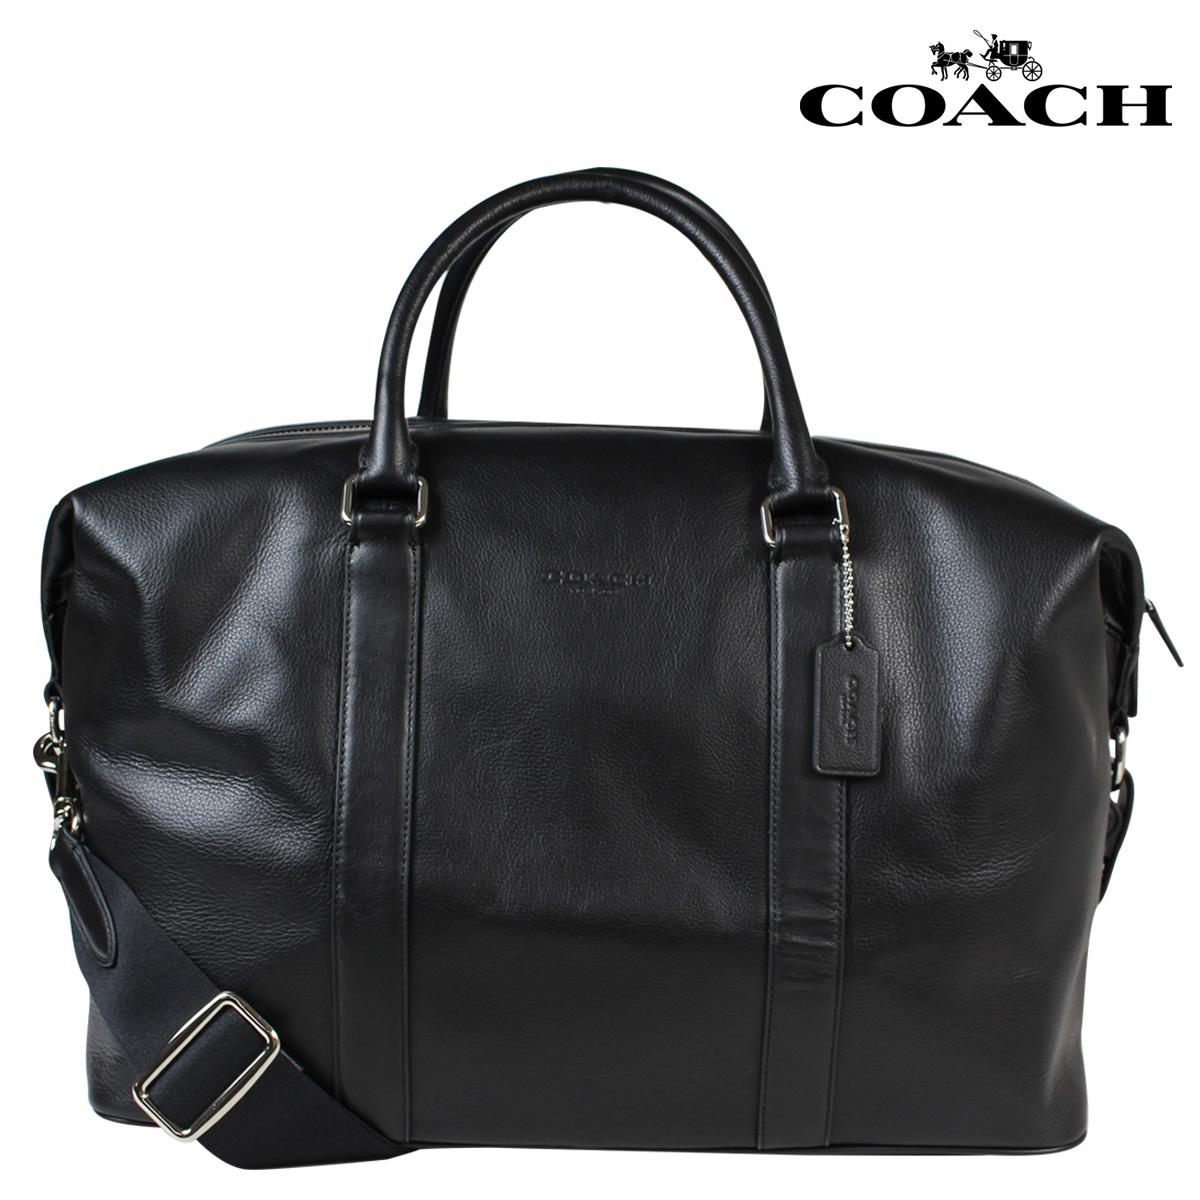 【決算セール】 コーチ COACH バッグ ボストンバッグ メンズ F54765 ブラック 【返品不可】